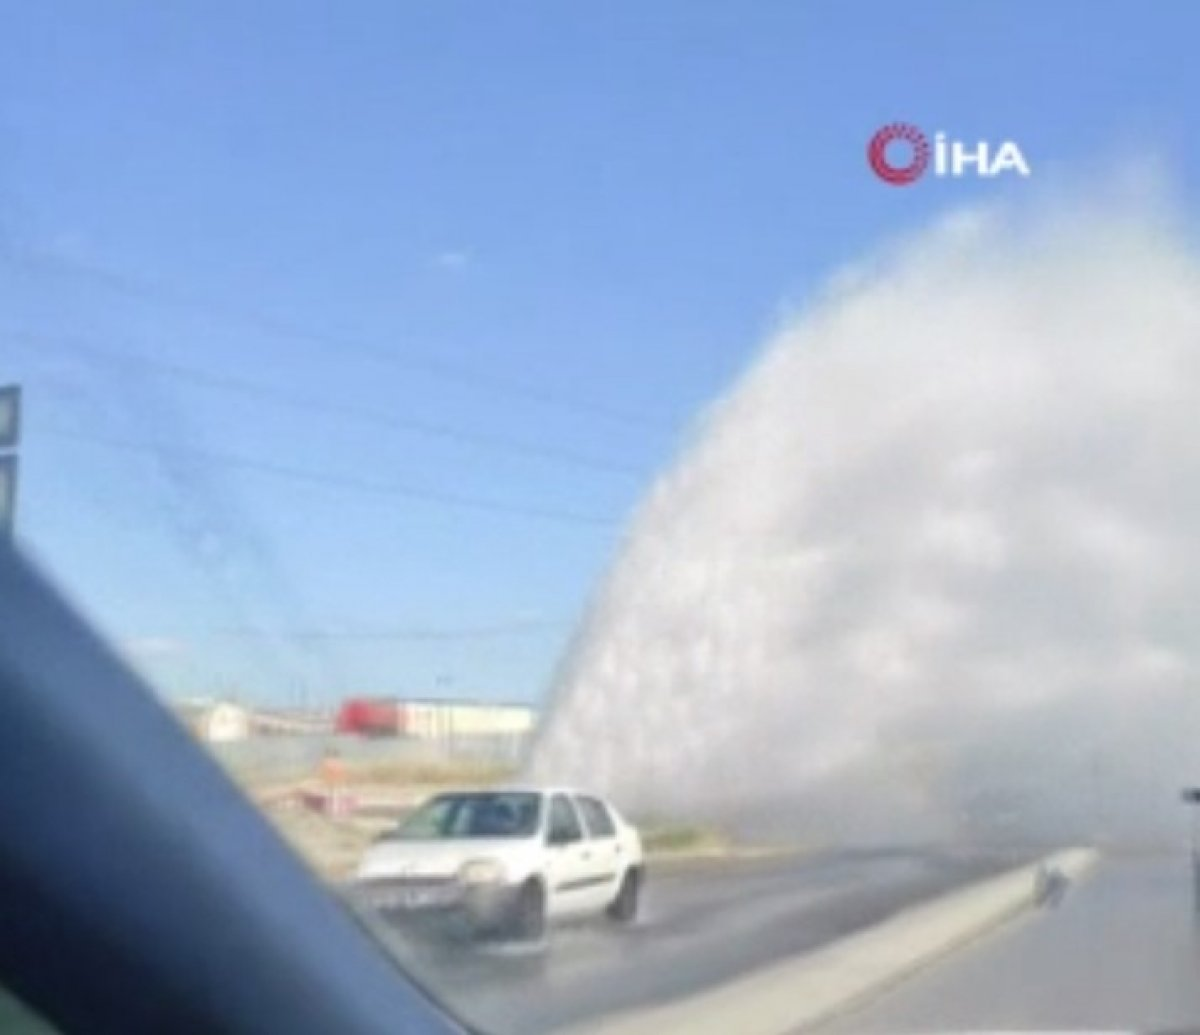 İSKİ'nin su borusu patladı, sürücüler zor anlar yaşadı #2